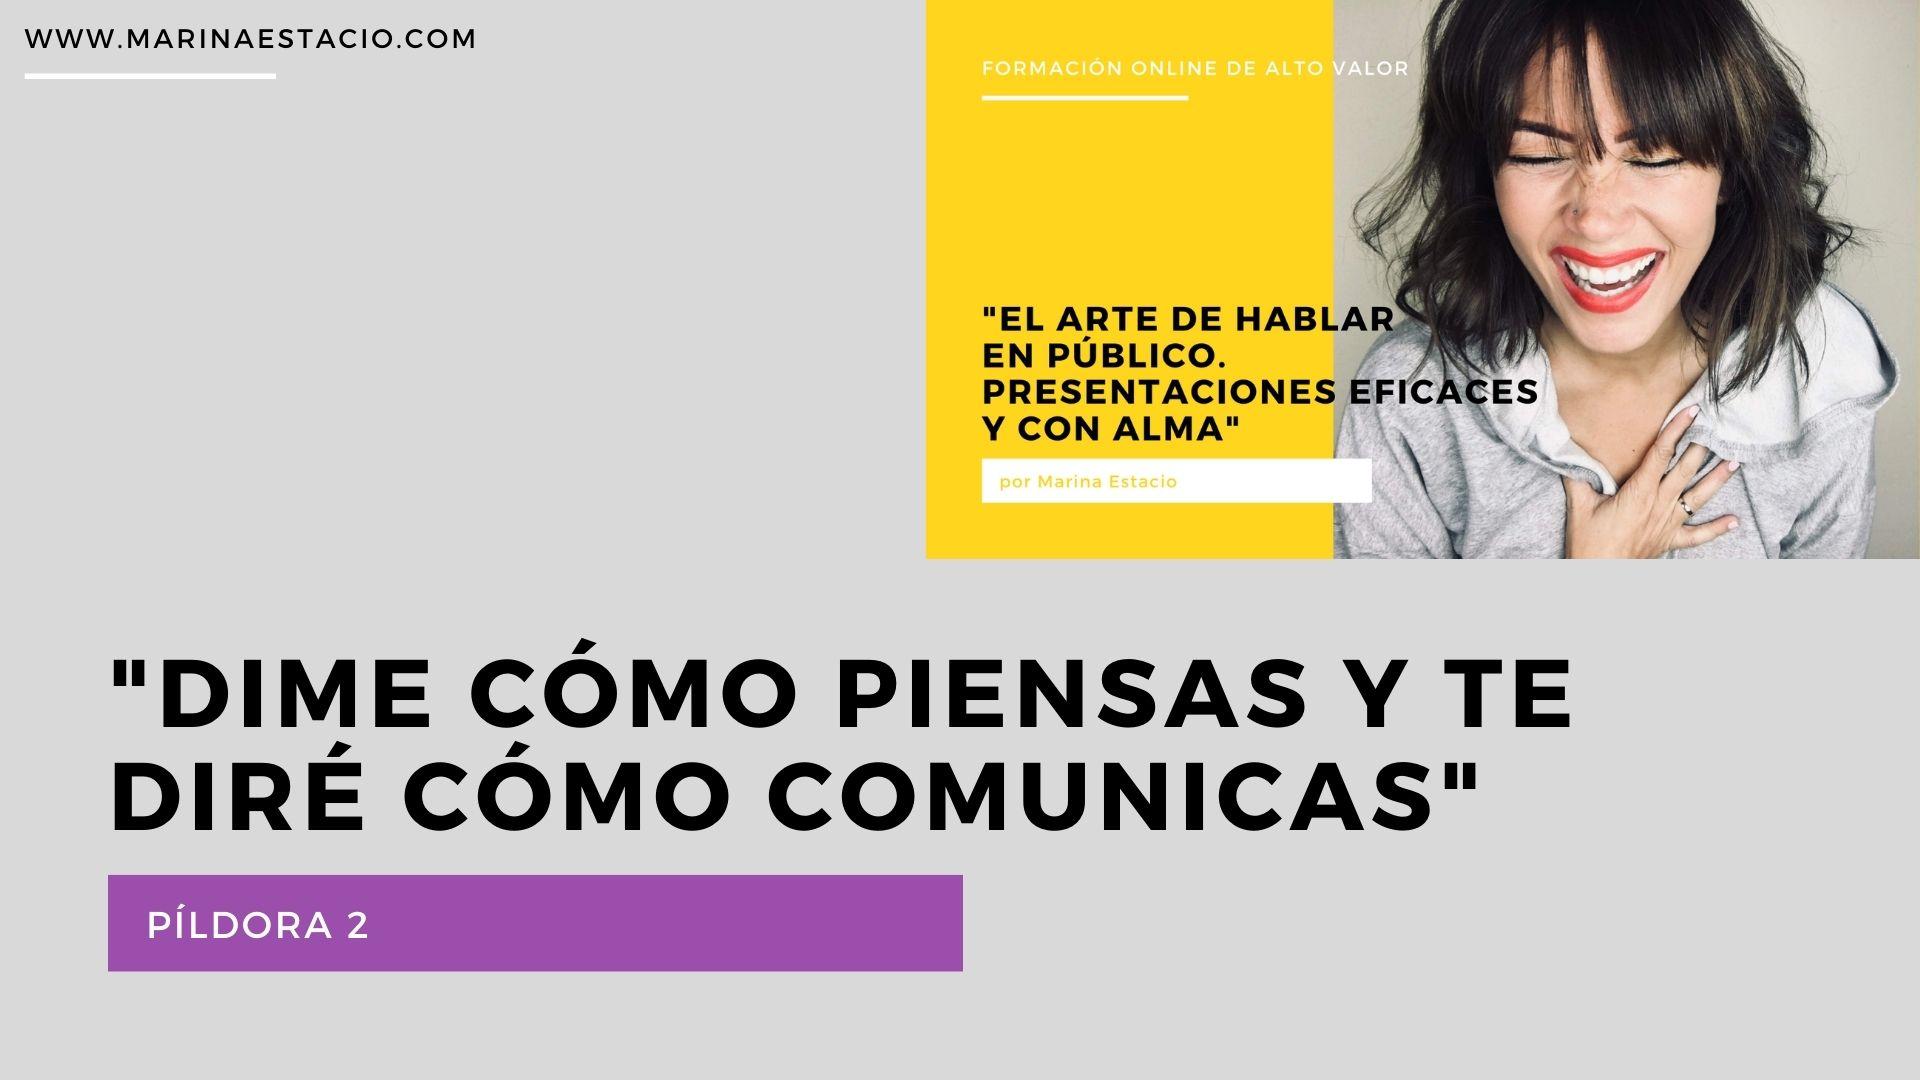 dime cómo piensas y te diré cómo comunicas. El arte de hablar en público. Marina Estacio.